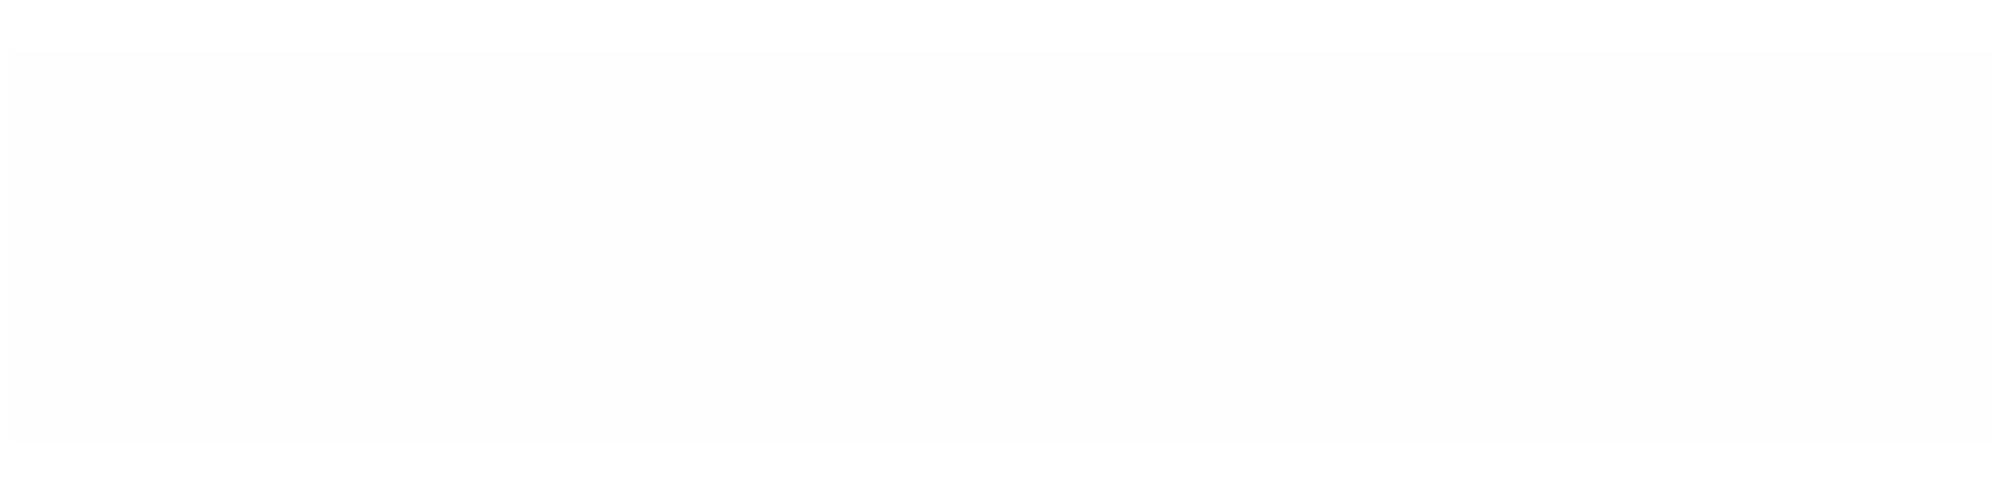 Meloncast arbeitet für Julius Bär